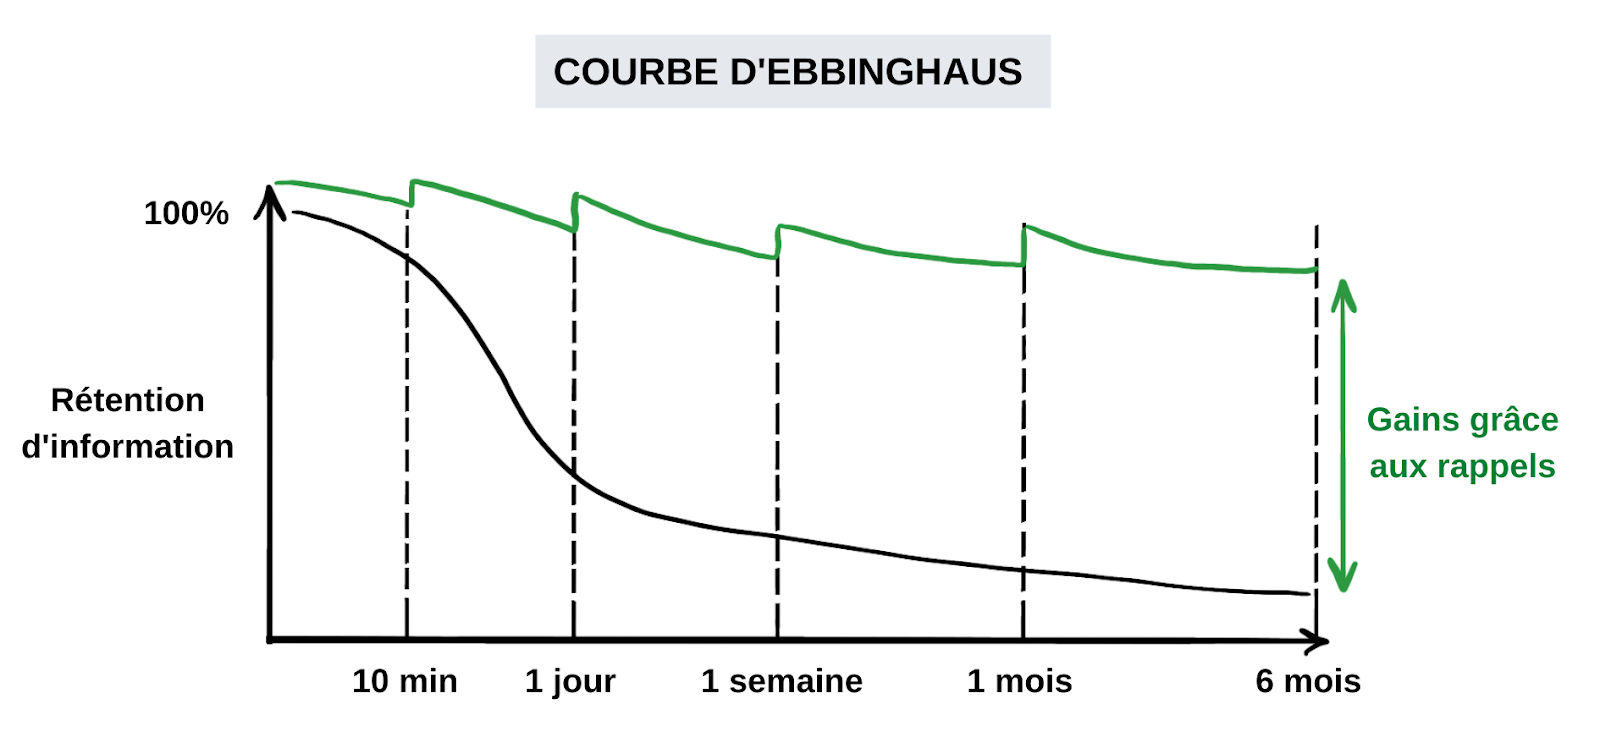 Courbe d'Ebbinghaus : Comment mieux mémoriser ce que l'on apprend ?